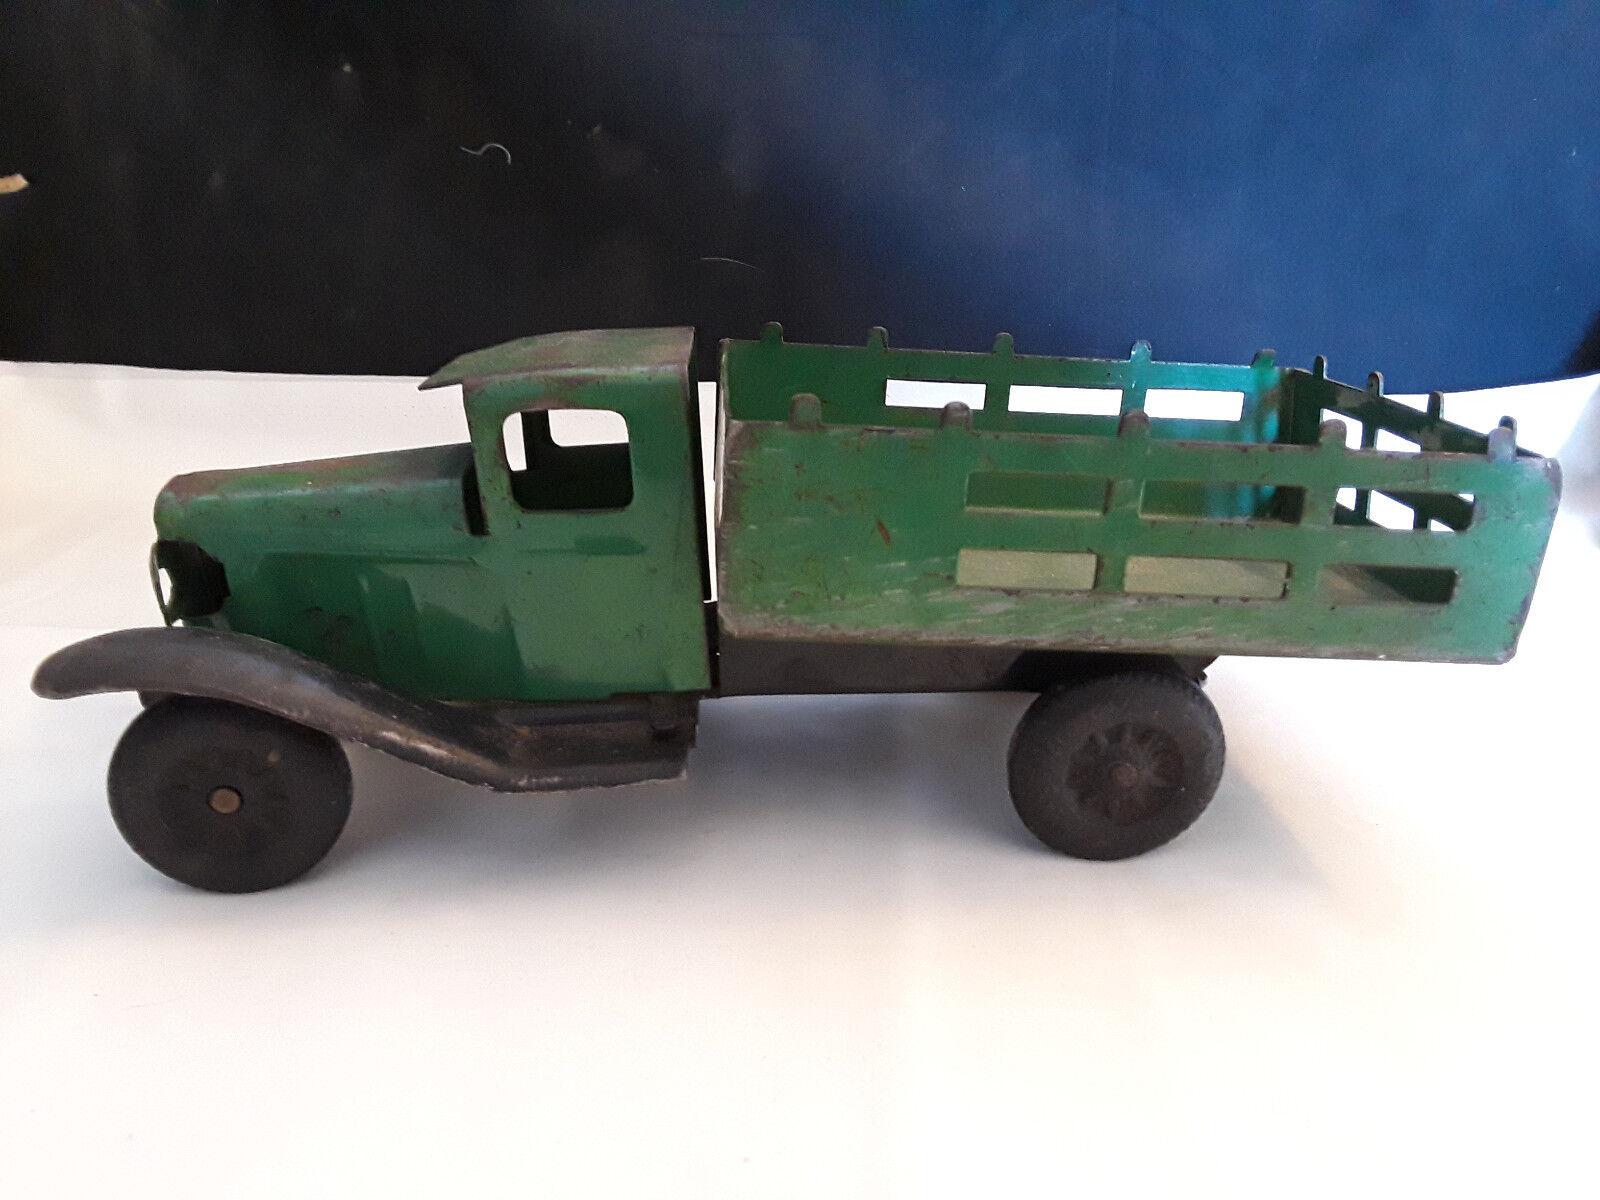 barato y de alta calidad De Colección Coleccionable Wyandotte Cuerpo de de de Estado de acero prensado camión volcado Estilo verde 10   promociones